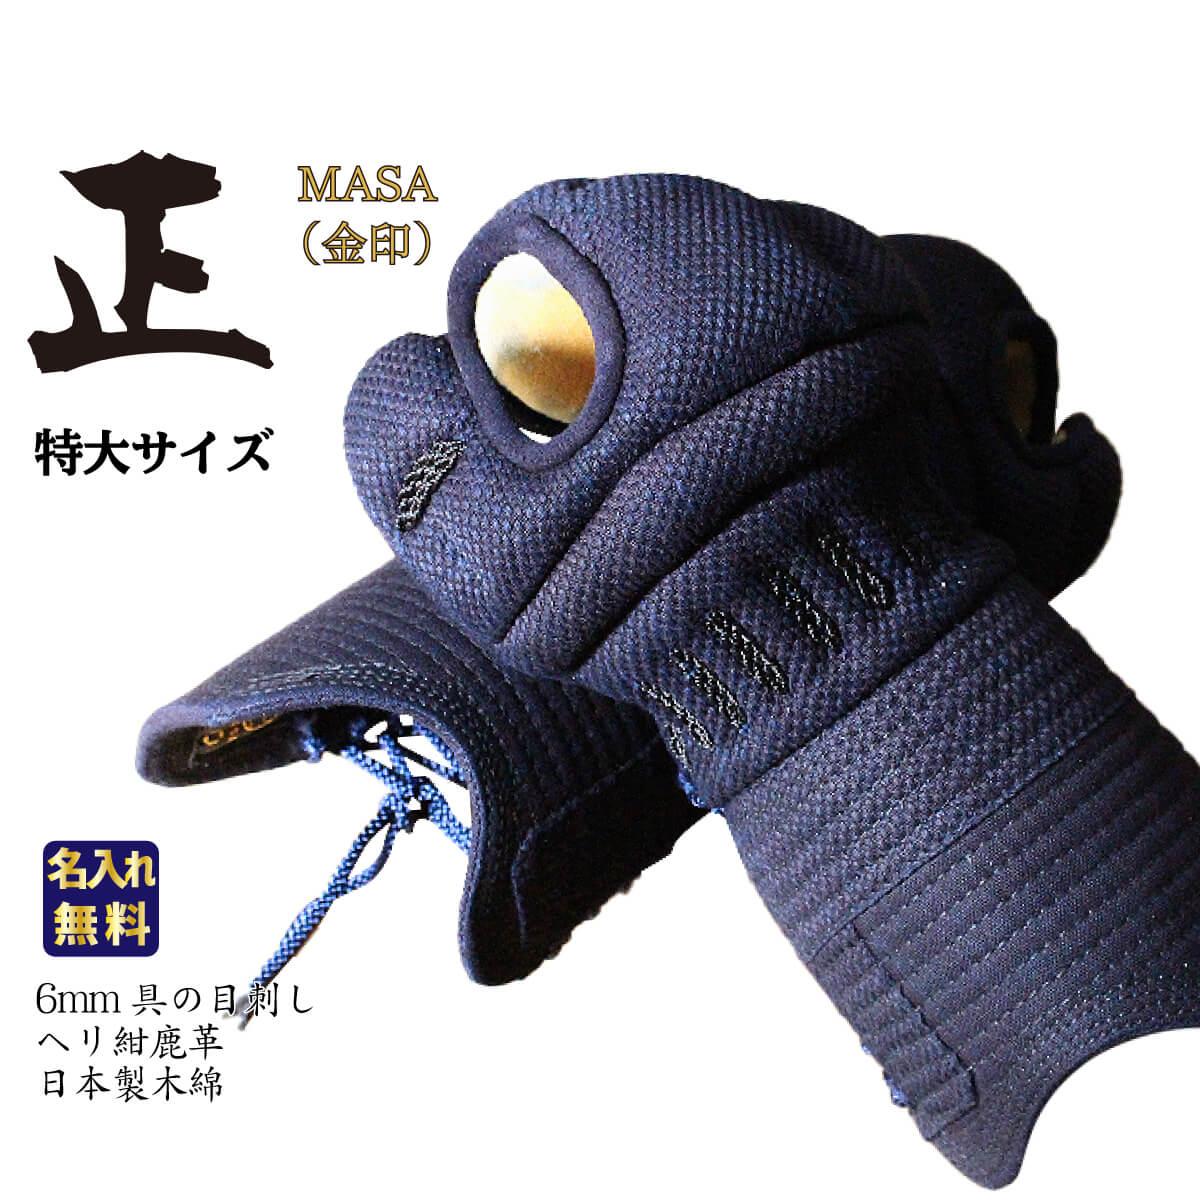 正 金 防具(剣道具) 小手(甲手)単品 特大サイズ